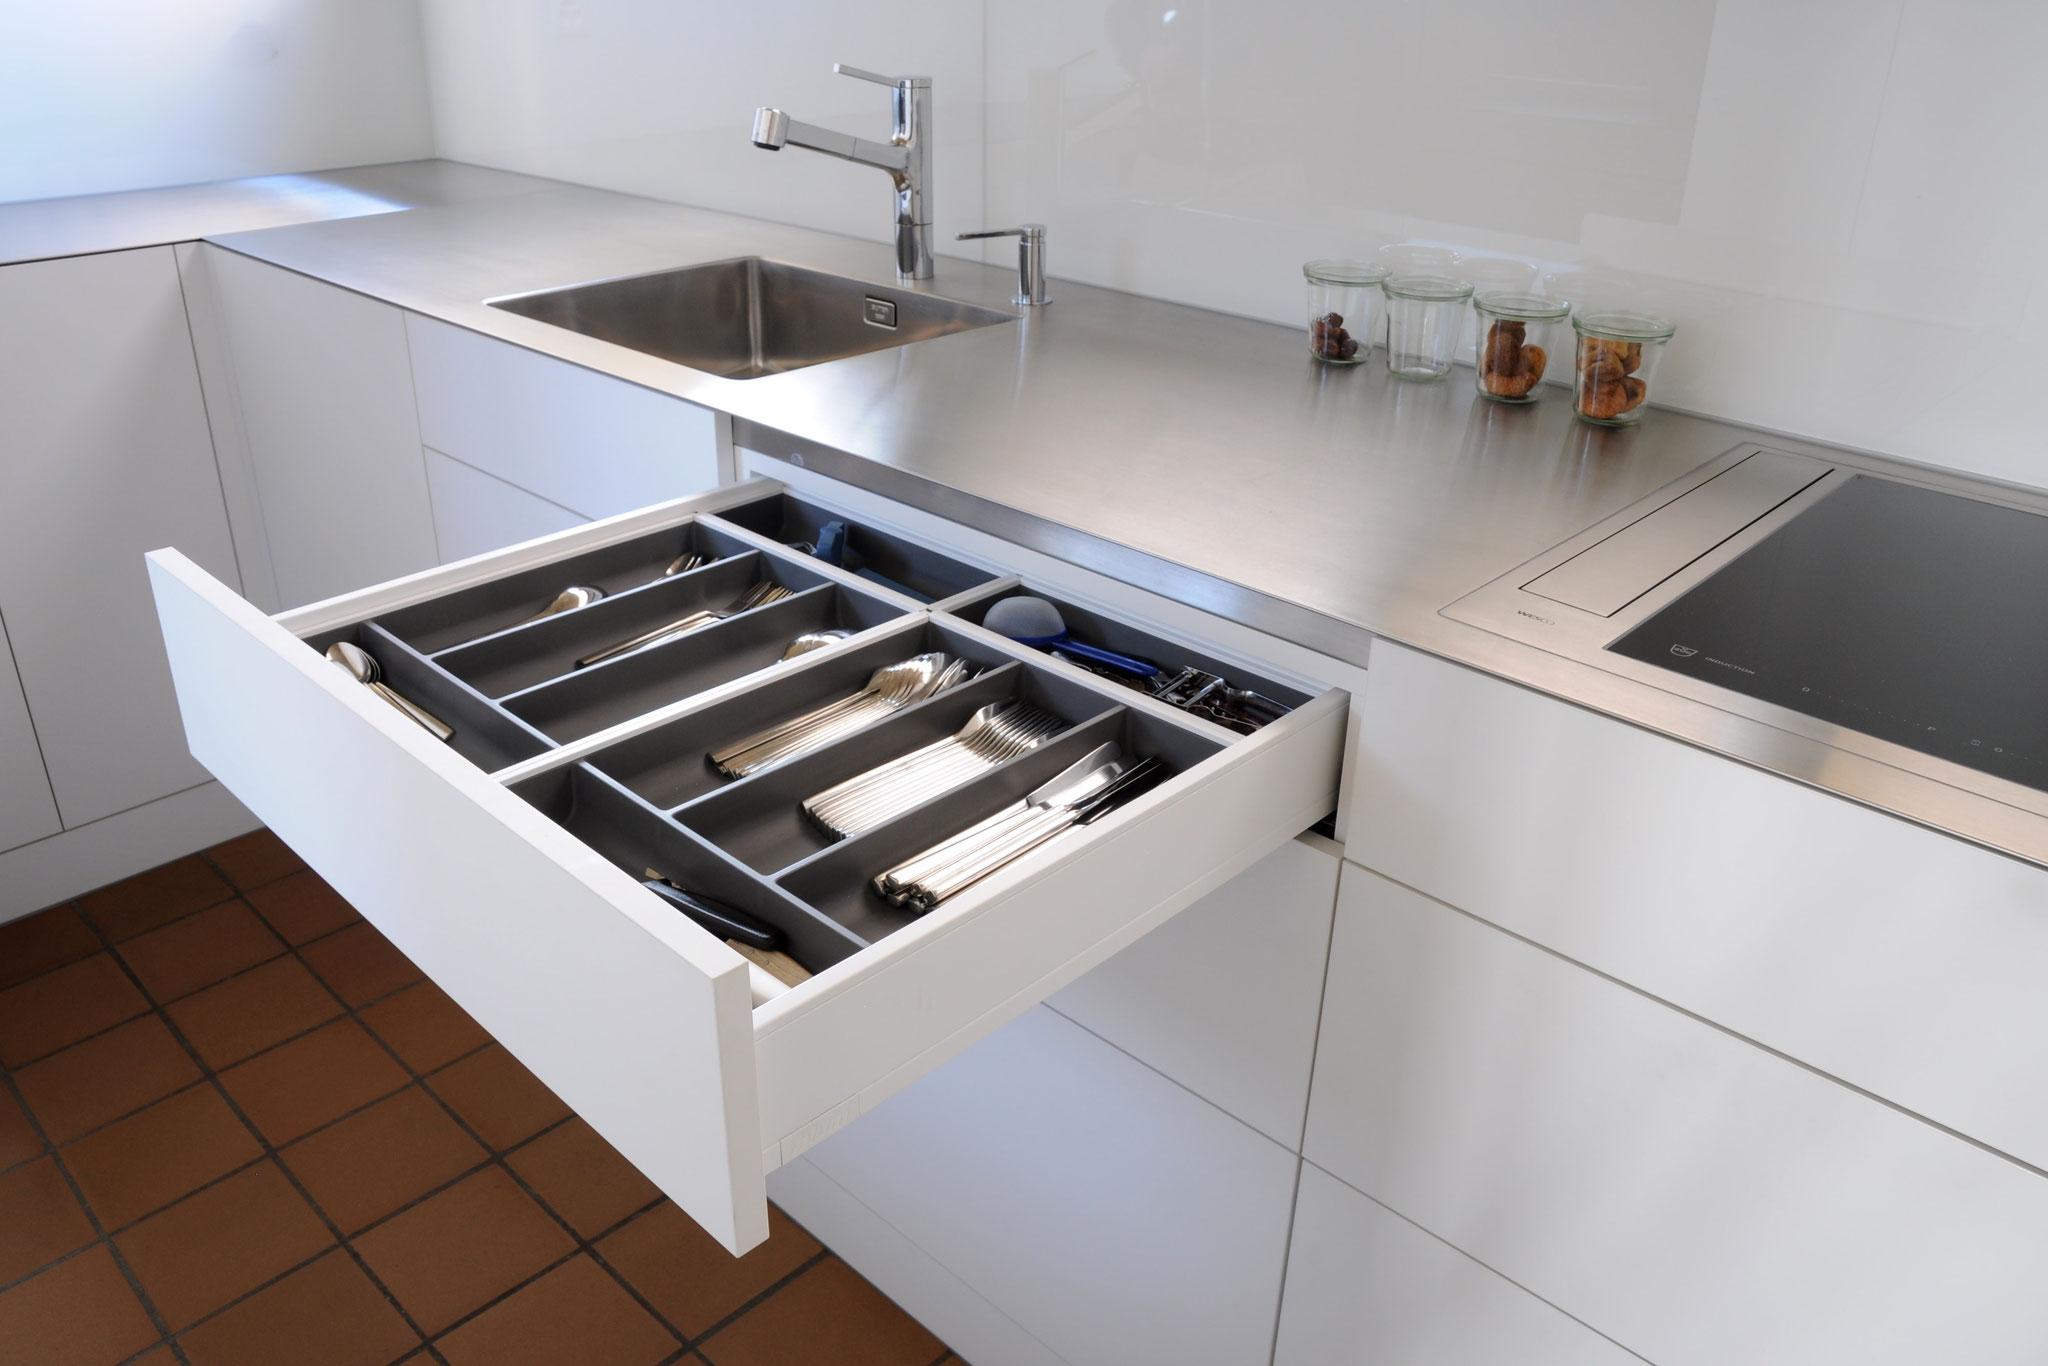 Küchen Und Co küchen wipf co ag der küchen schreiner wipf co ag schreinerei